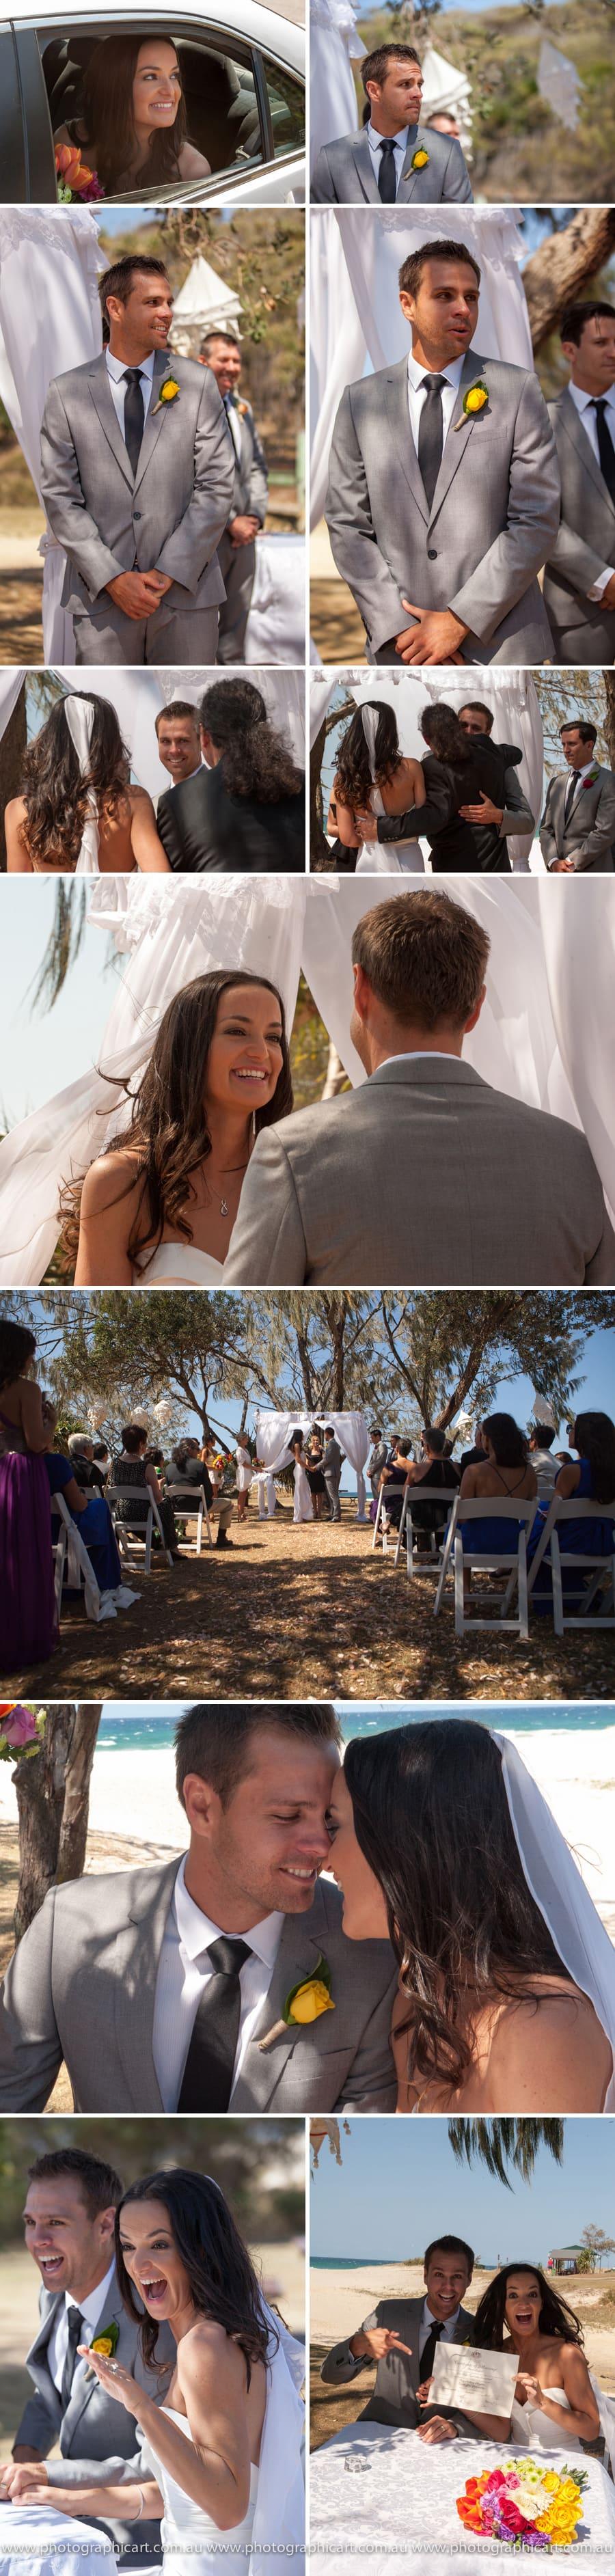 photographicart.com.au/newsite-perdyandcraig-0003